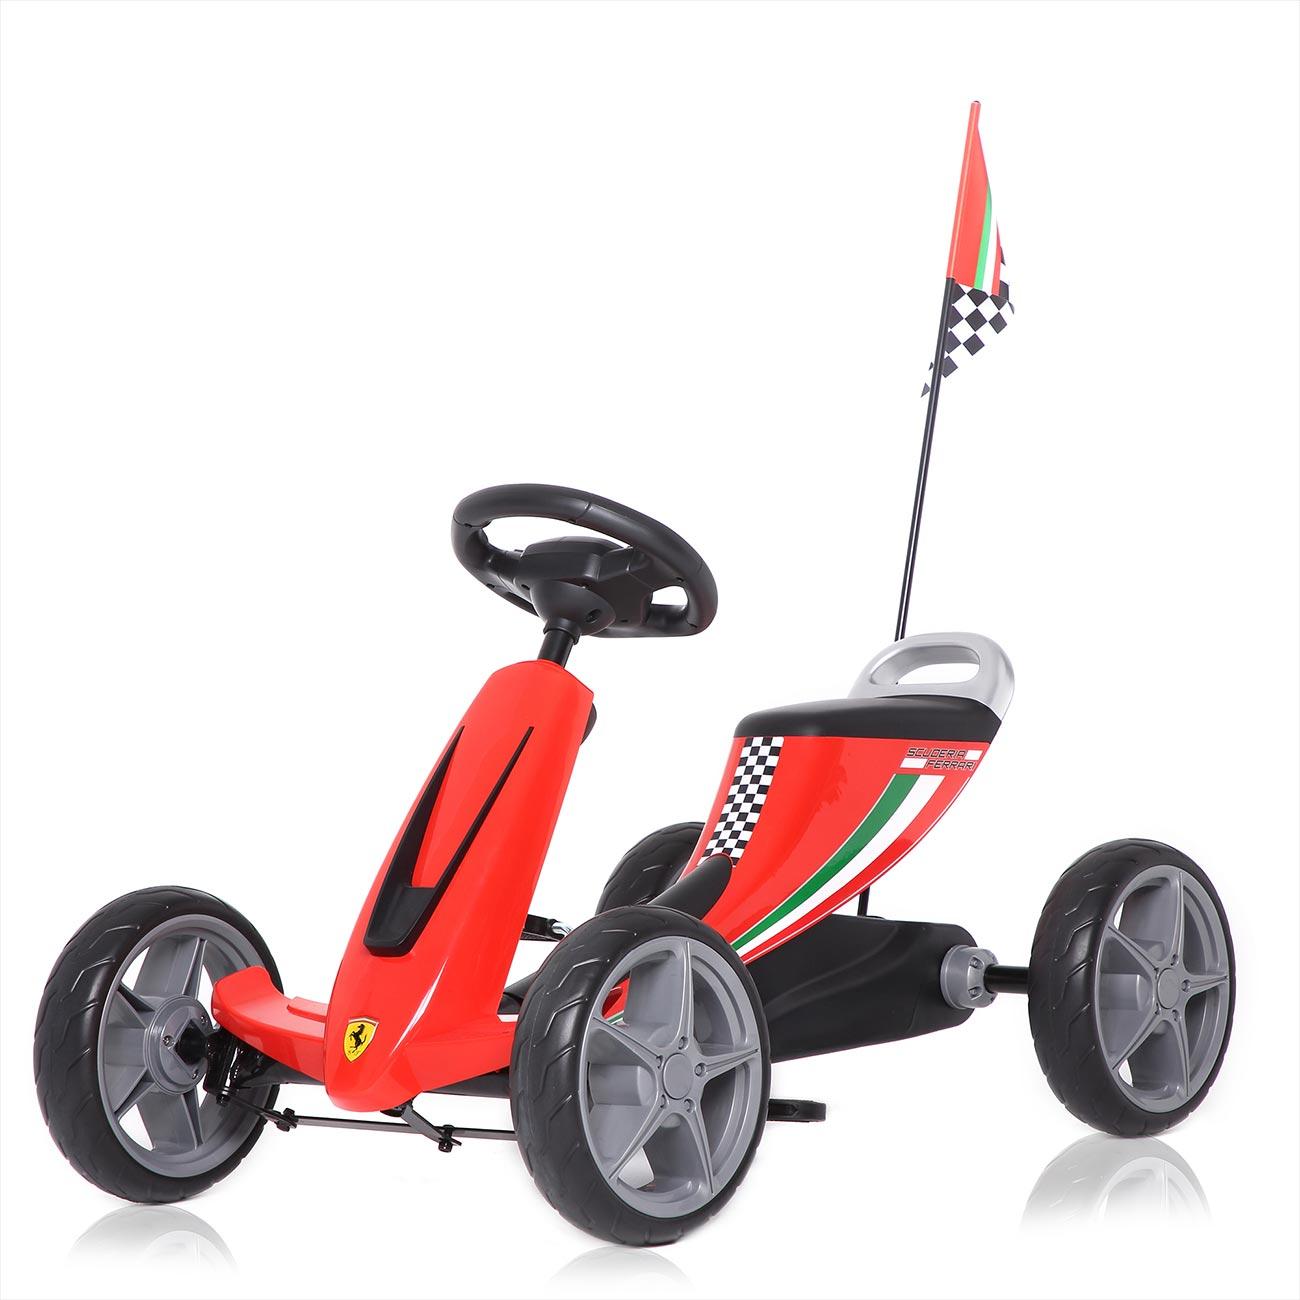 officially licensed ferrari go kart for children in red | ma trading